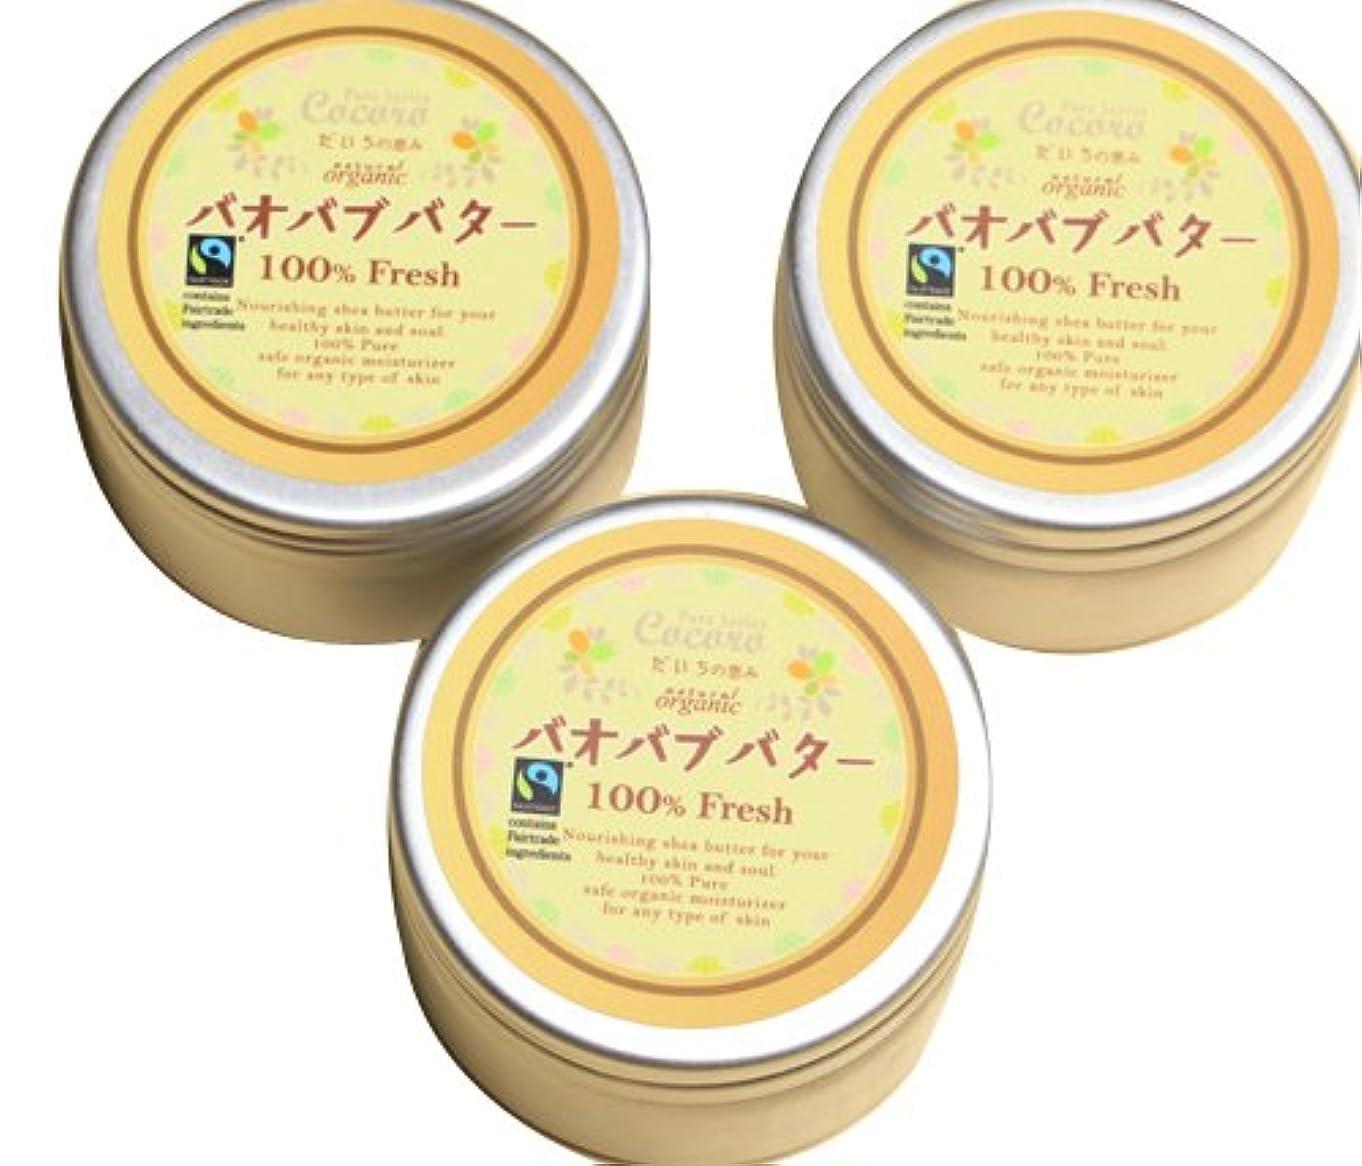 アーサーコナンドイル動ガスシアバターとバオバブオイルのブレンドバター フェアトレード認証つき 3個